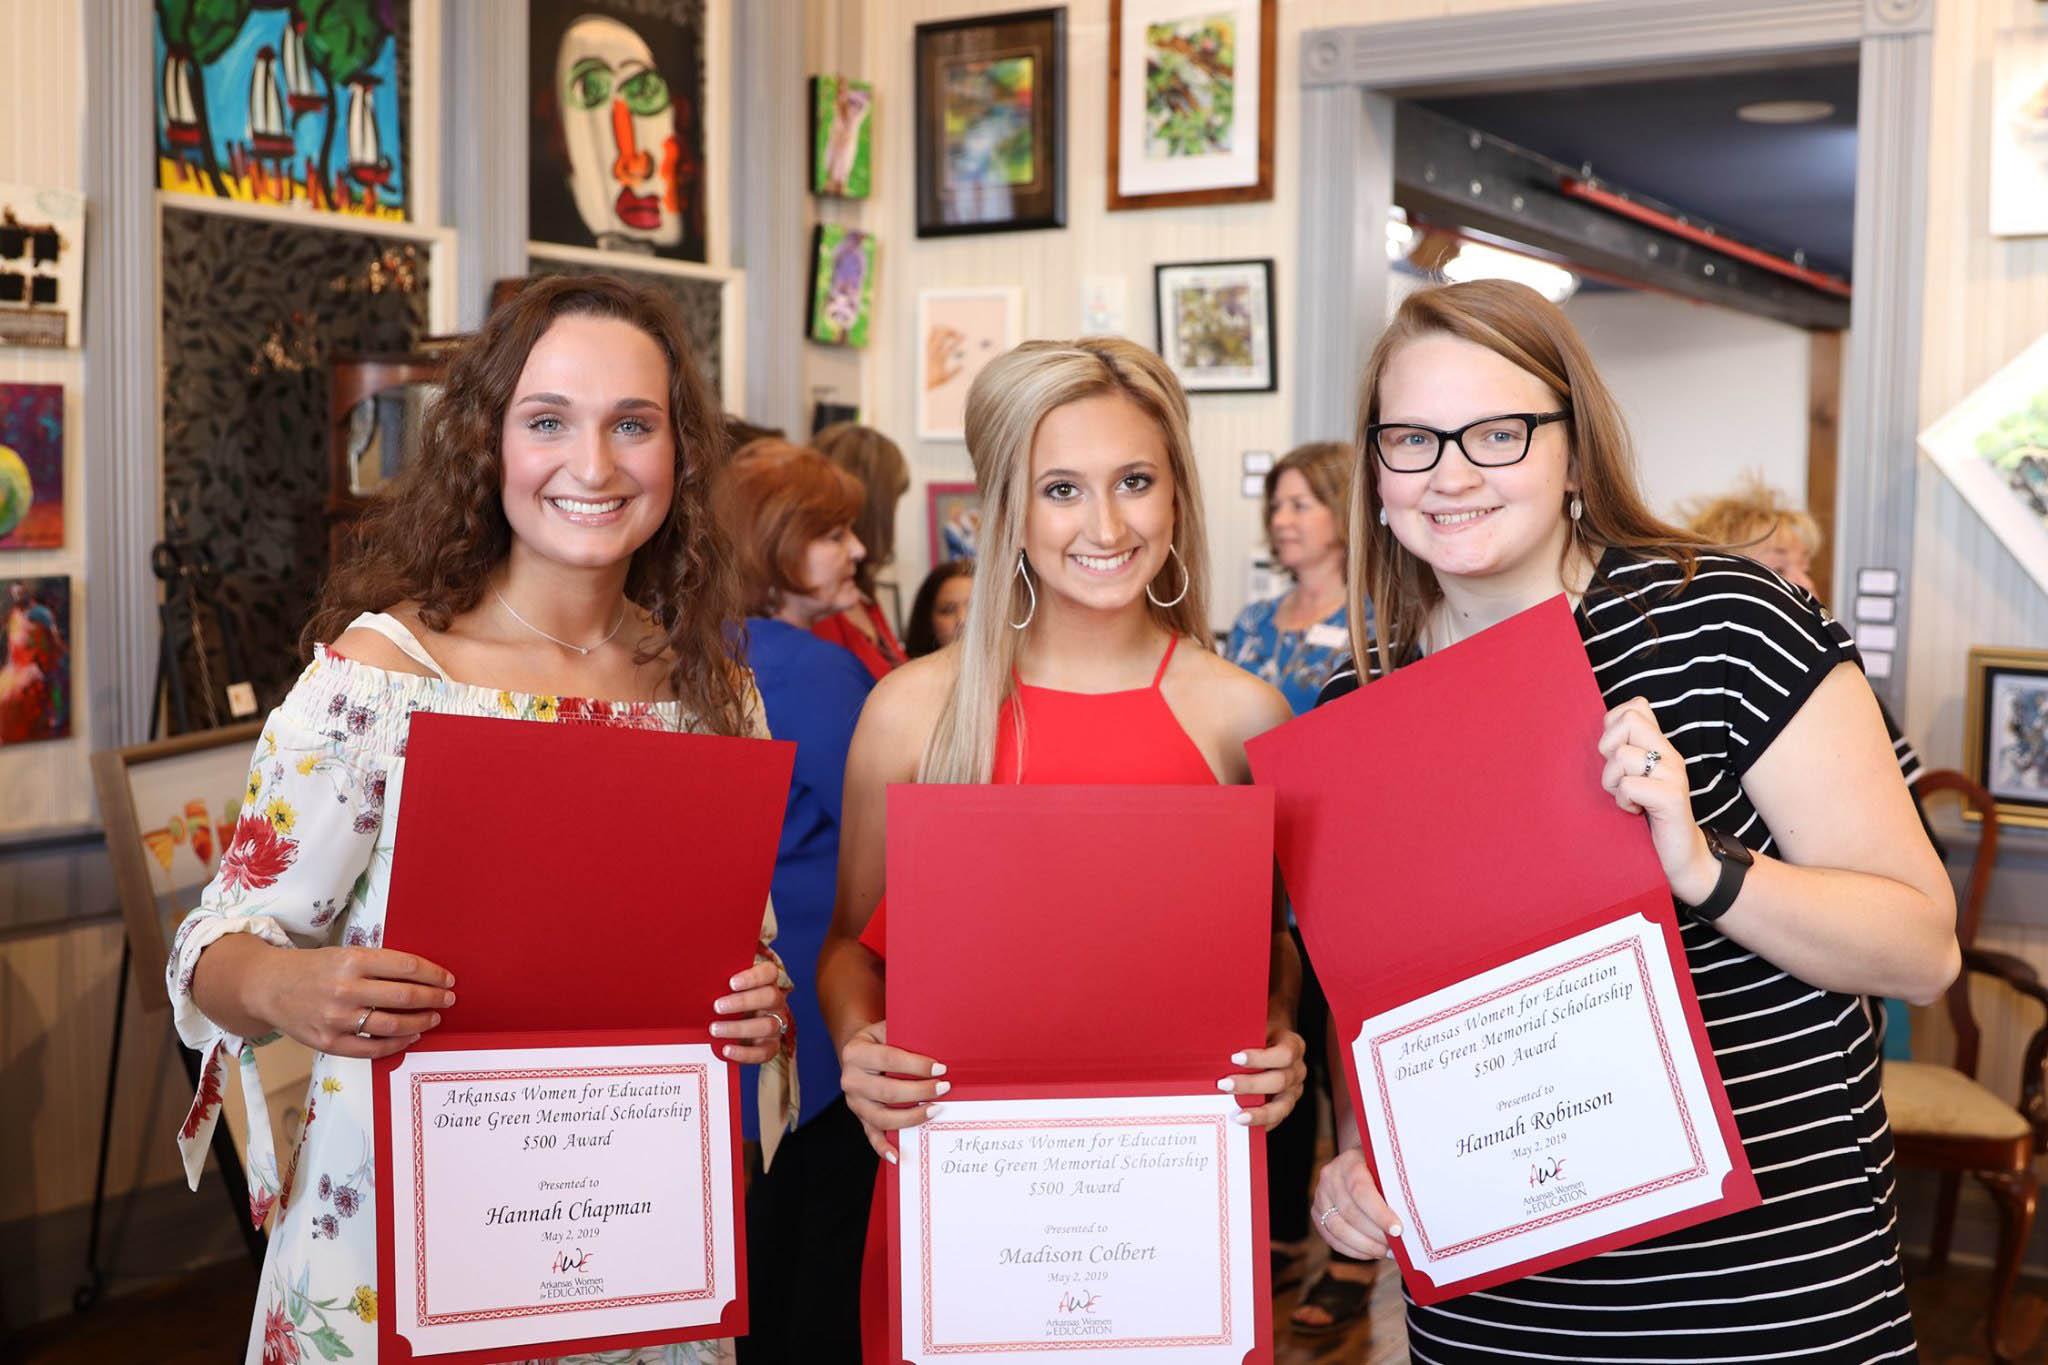 Hannah Chapman, Madison Colbert and Hannah Robinson